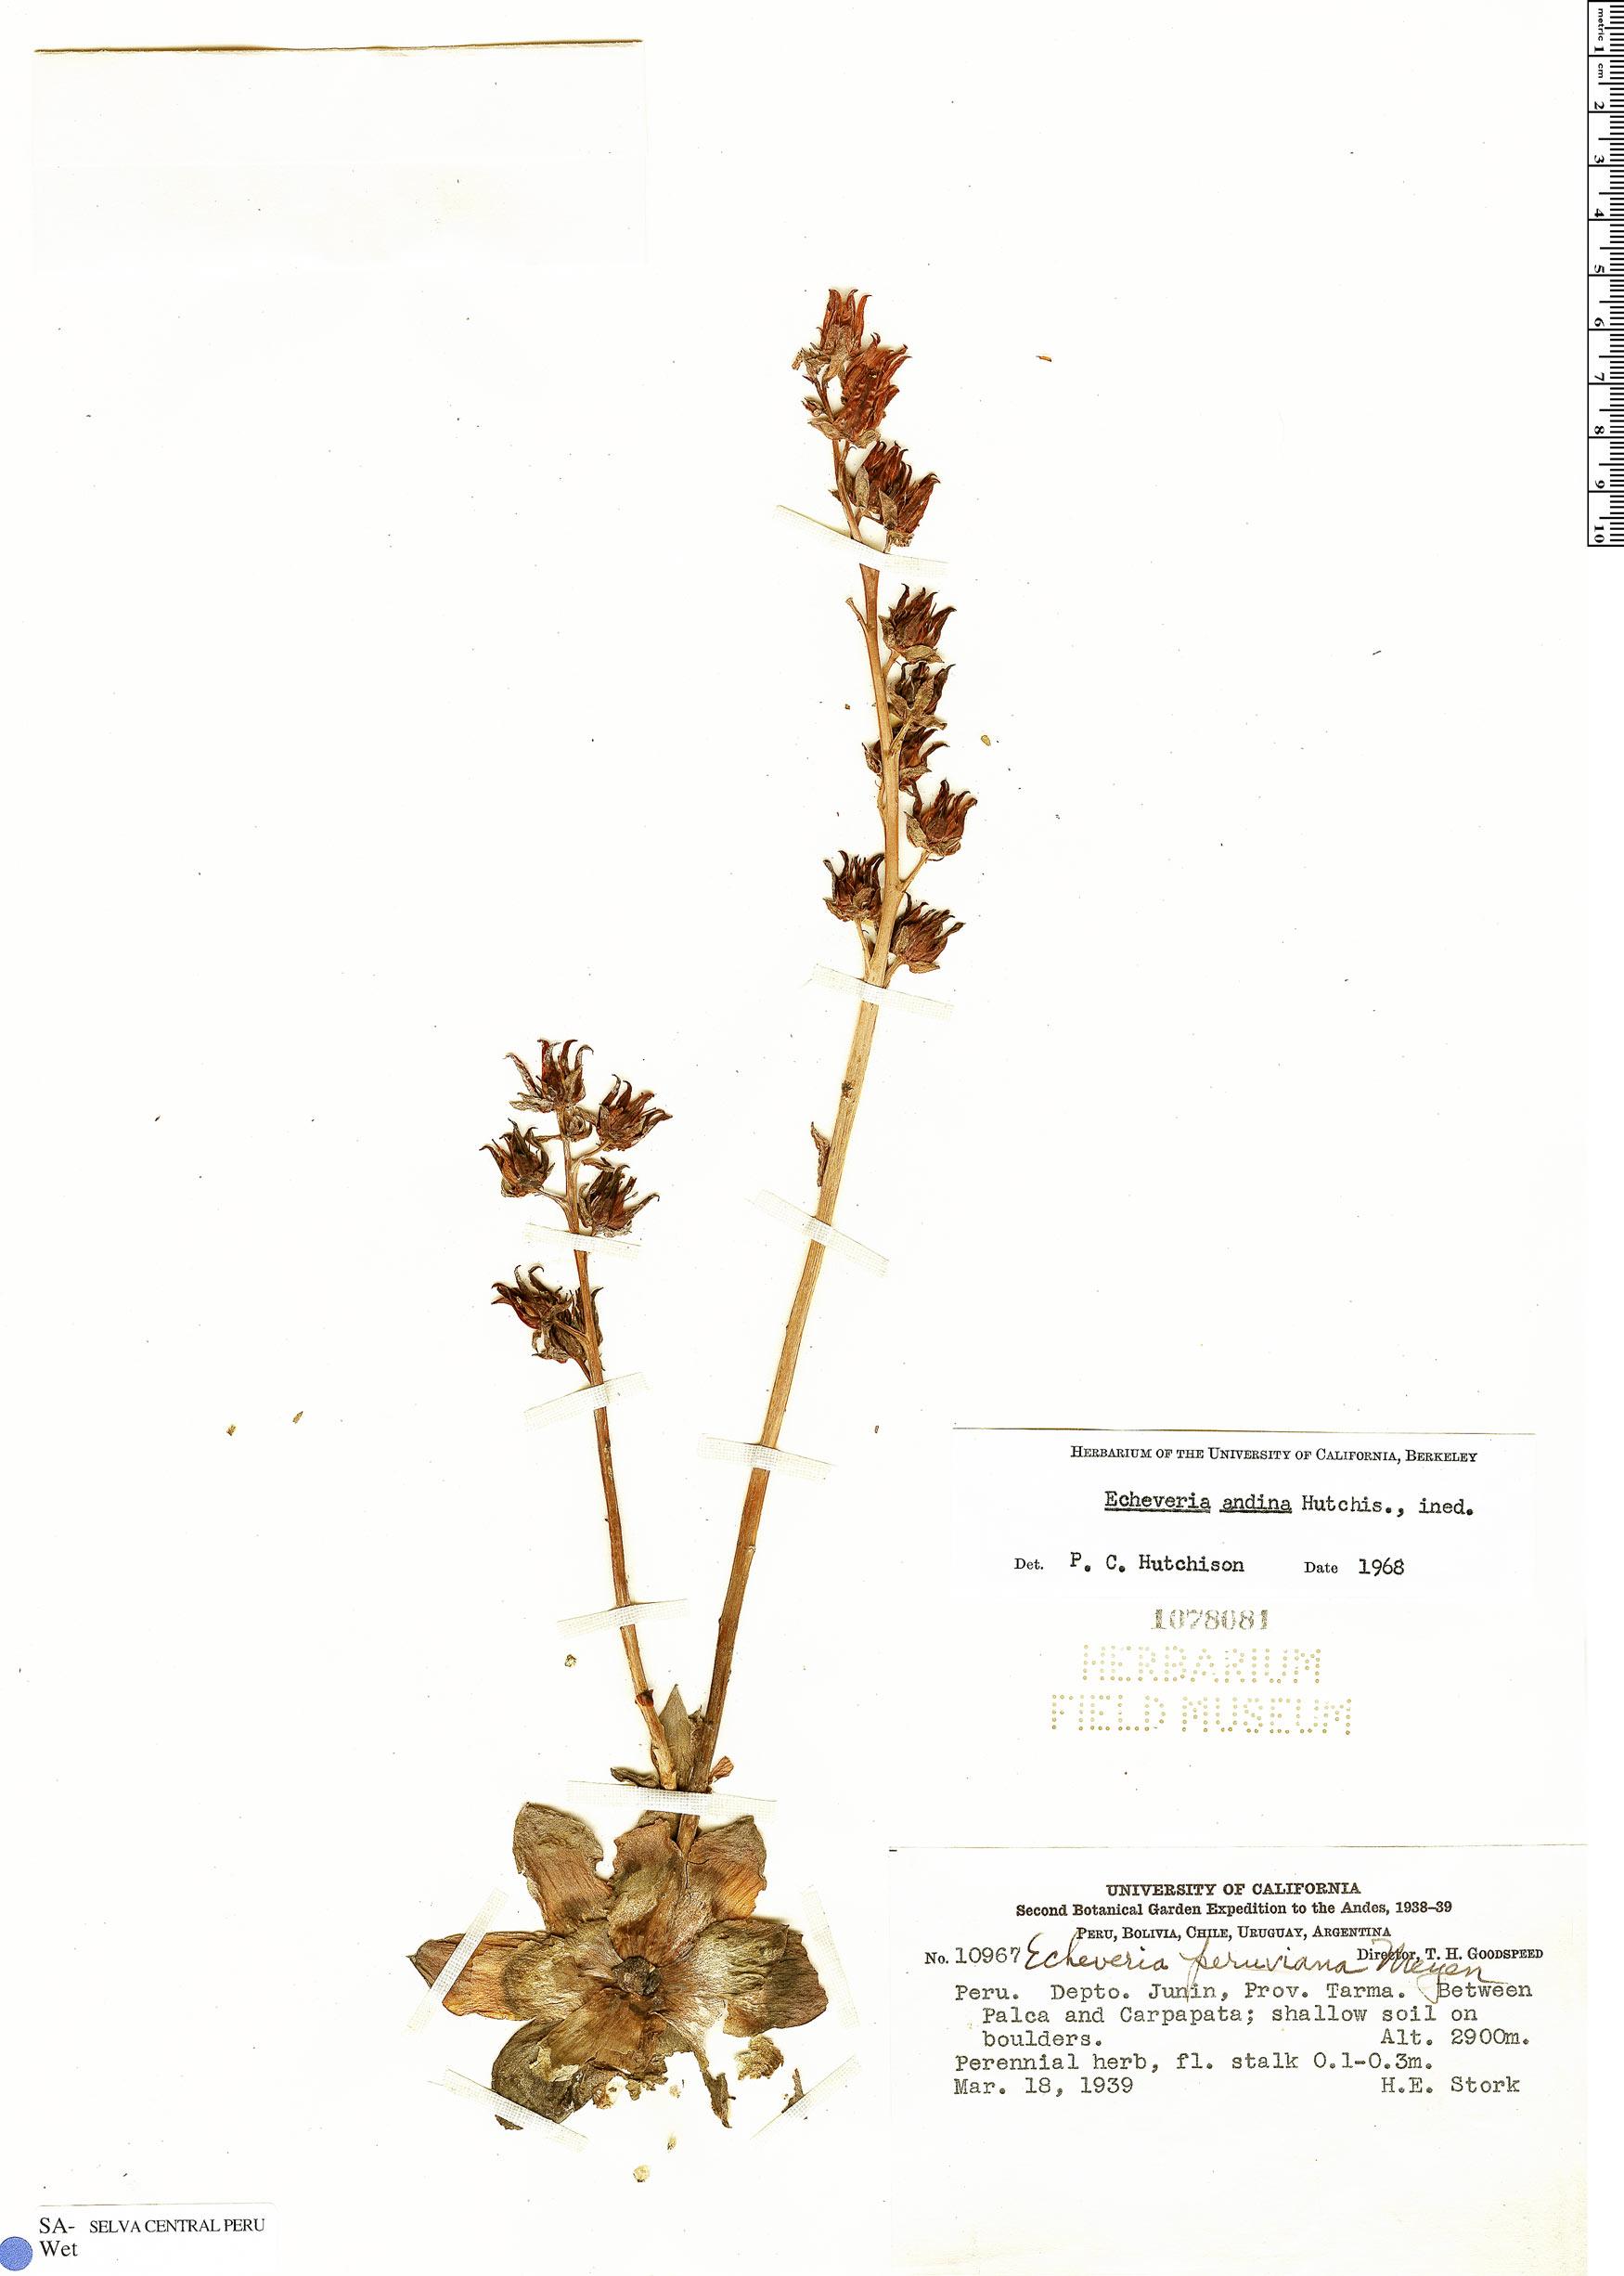 Specimen: Echeveria andicola